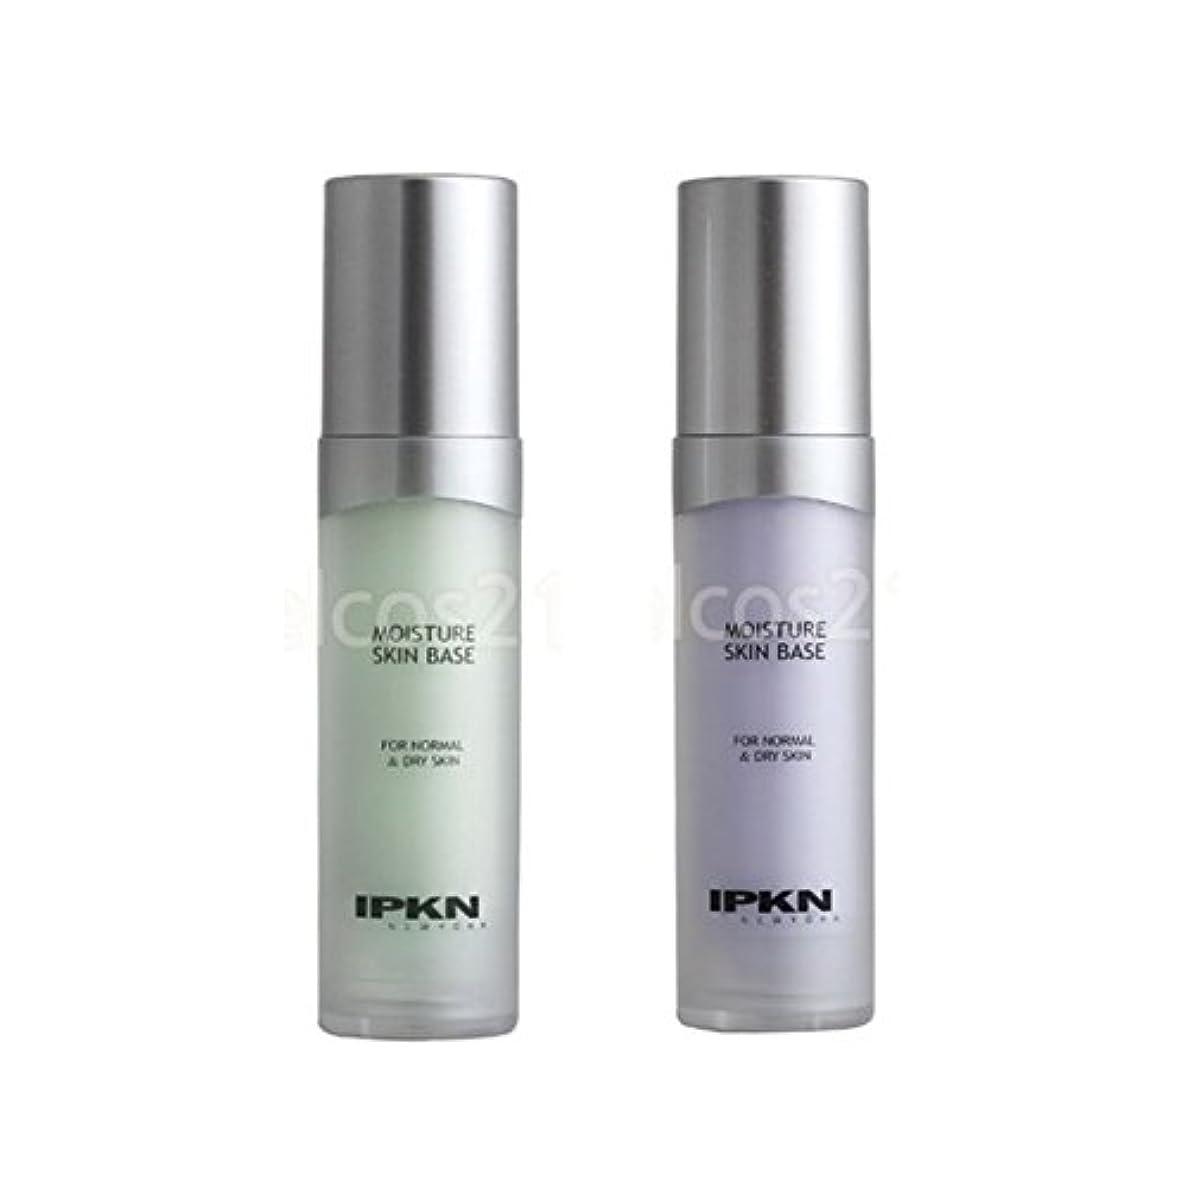 プレミアム手のひらケープイプクン(IPKN) モイスチャースキンベース35ml x 2本セット2カラー(グリーン、ファイティパープル) IPKN Moisture Skin Base 35ml x 2ea Set 2 Colors(Green、...